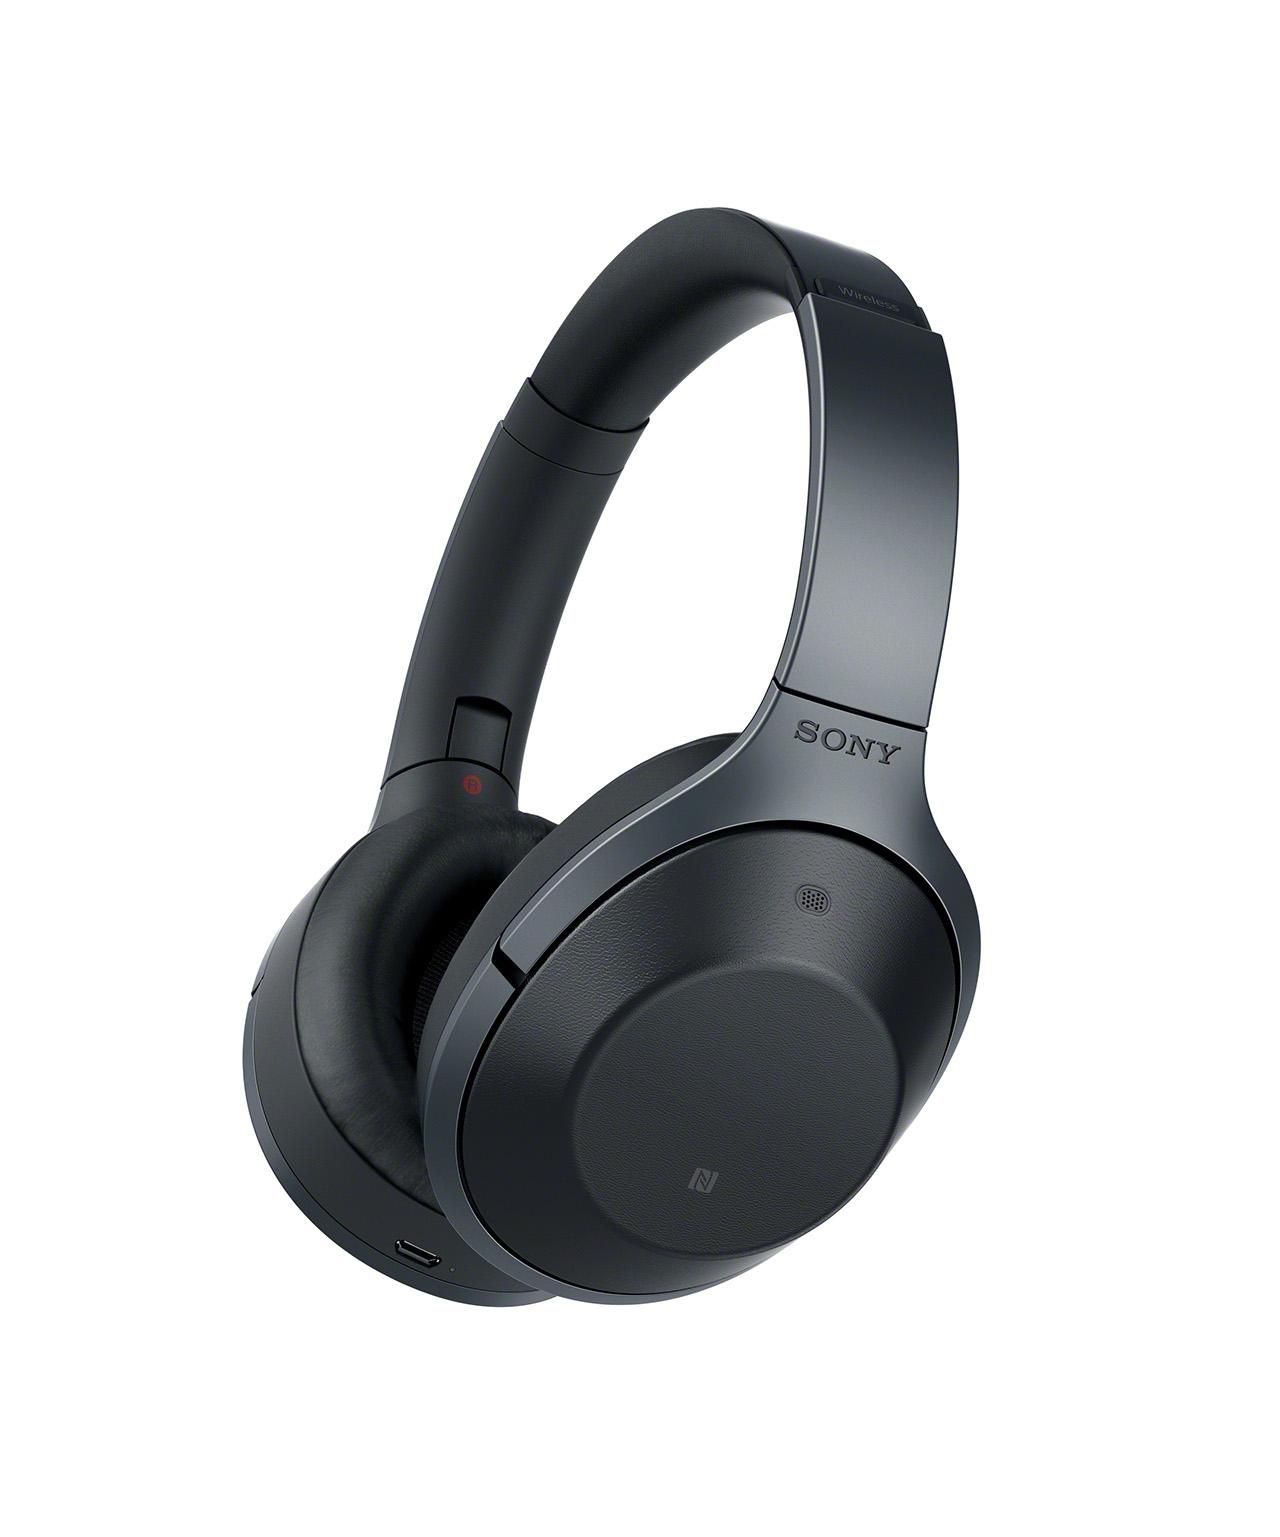 Sony presenta le MDR-1000X, cuffie wireless che eliminano tutti i rumori